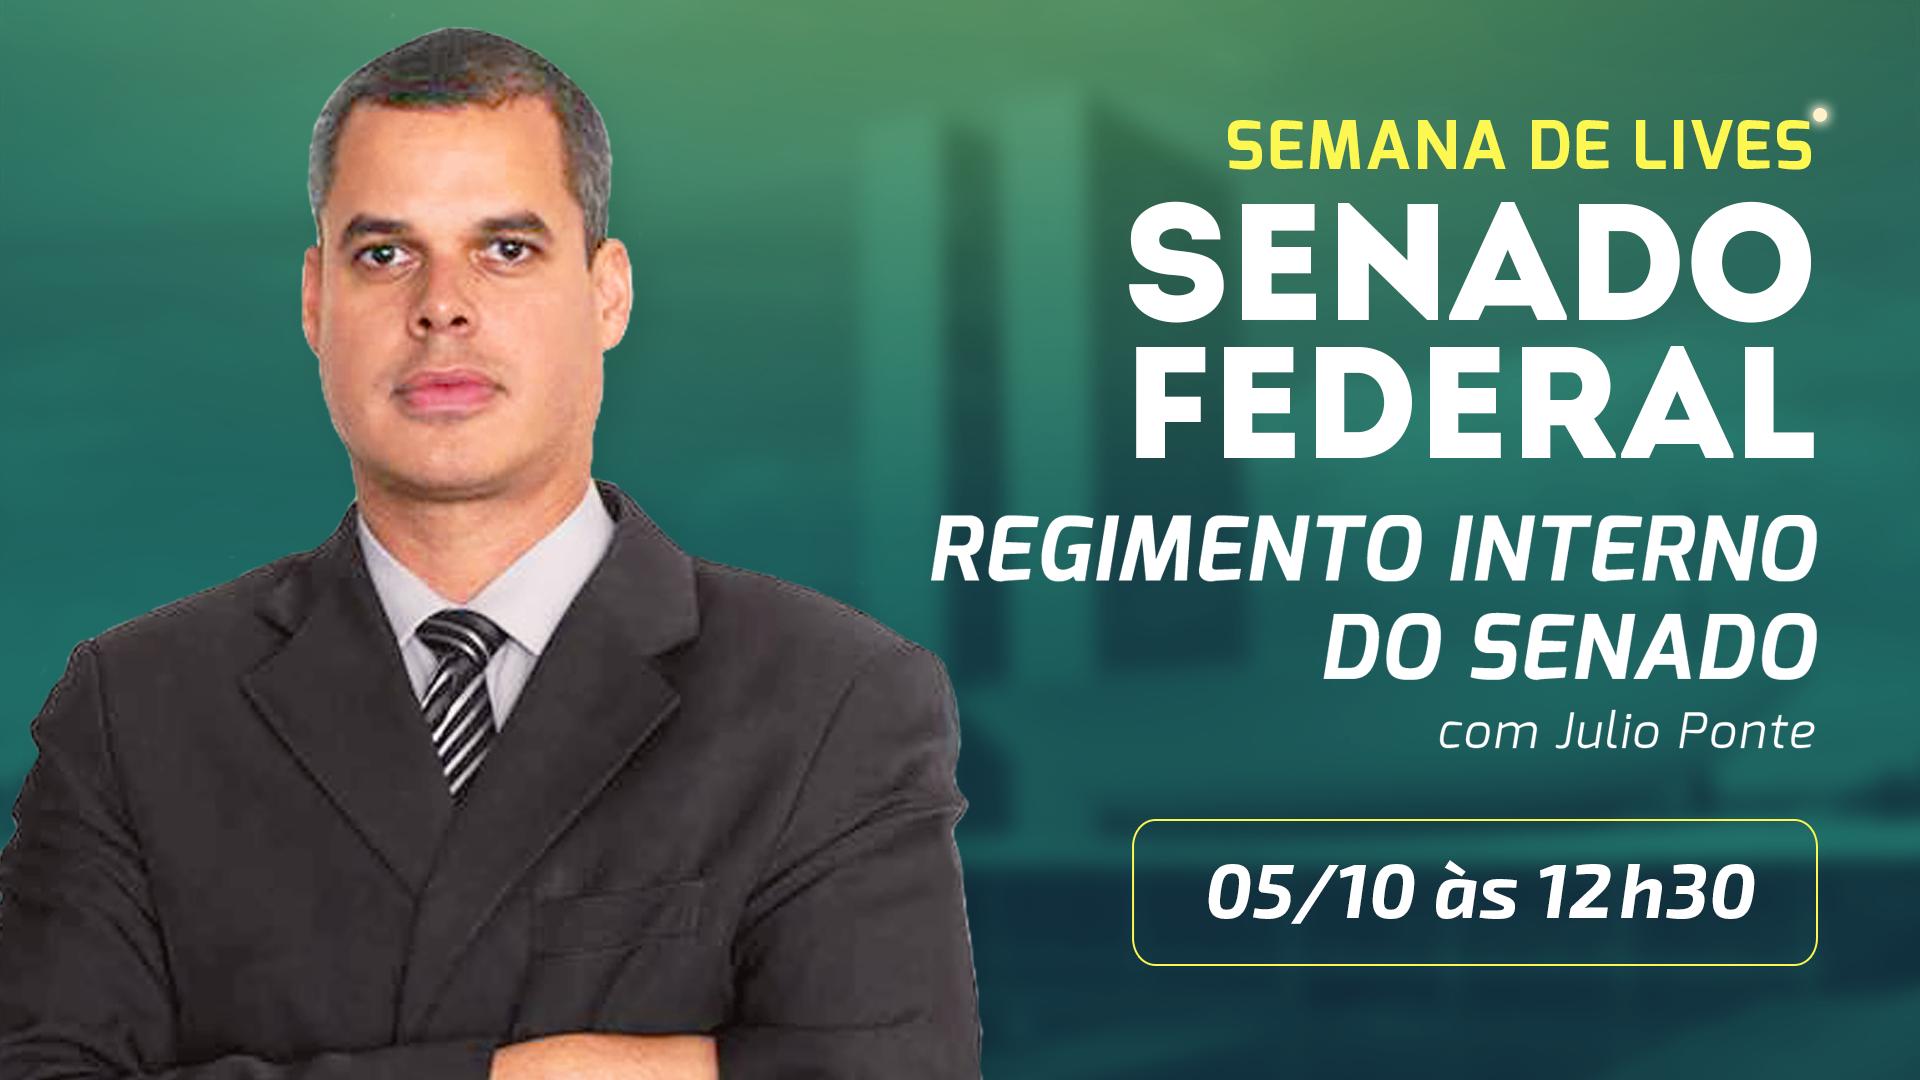 Senado Federal -  Regimento Interno do Senado